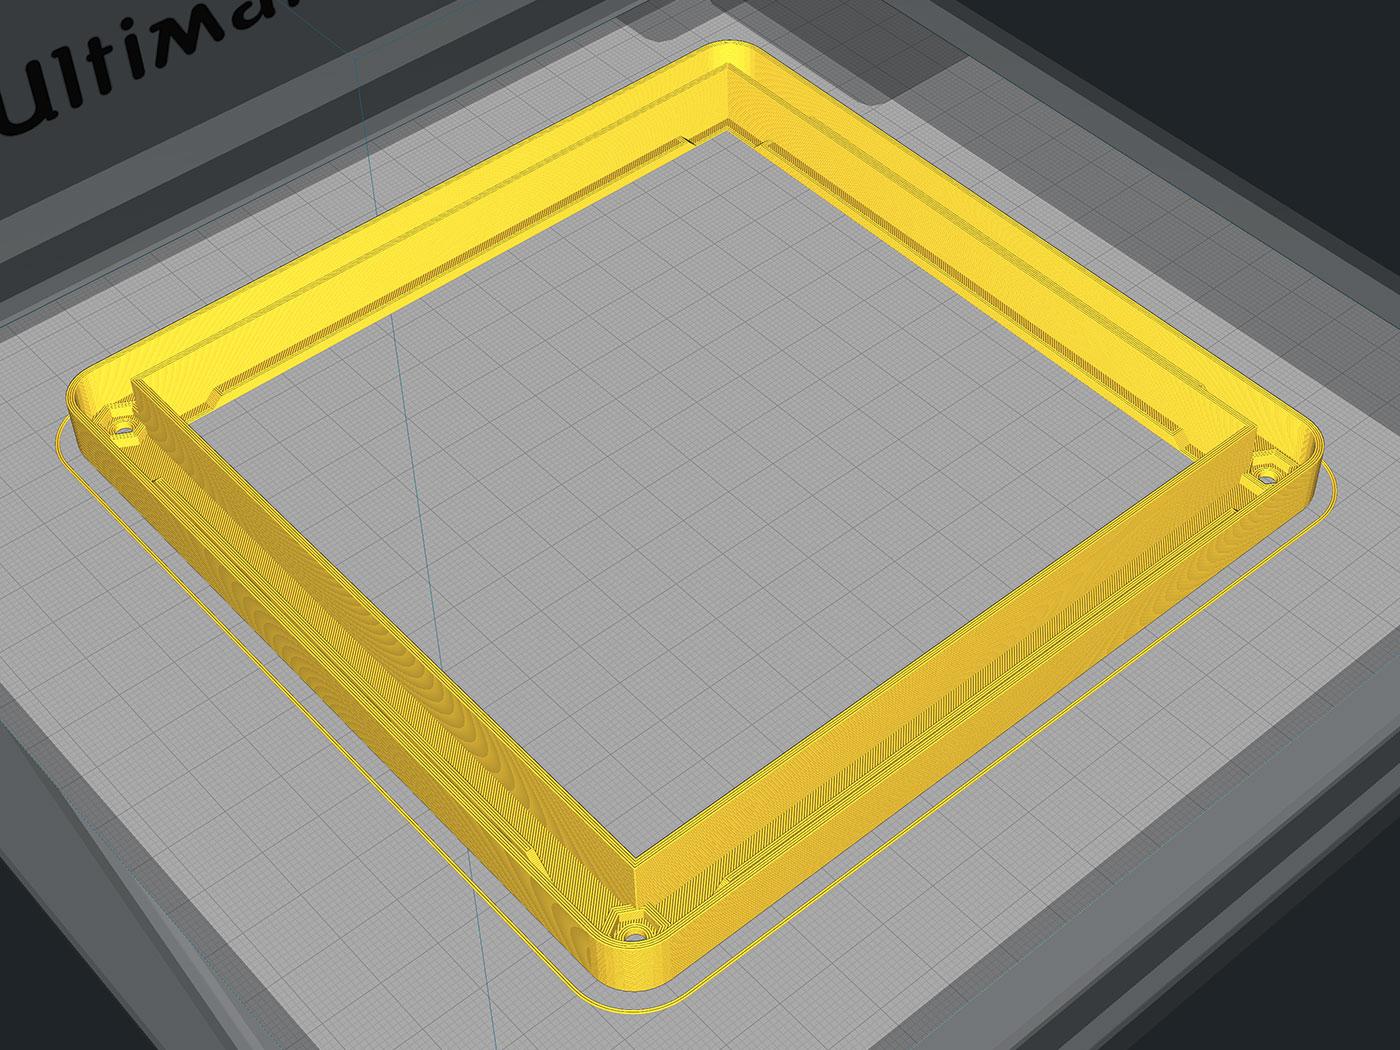 3d_printing_slice-154mm.jpg